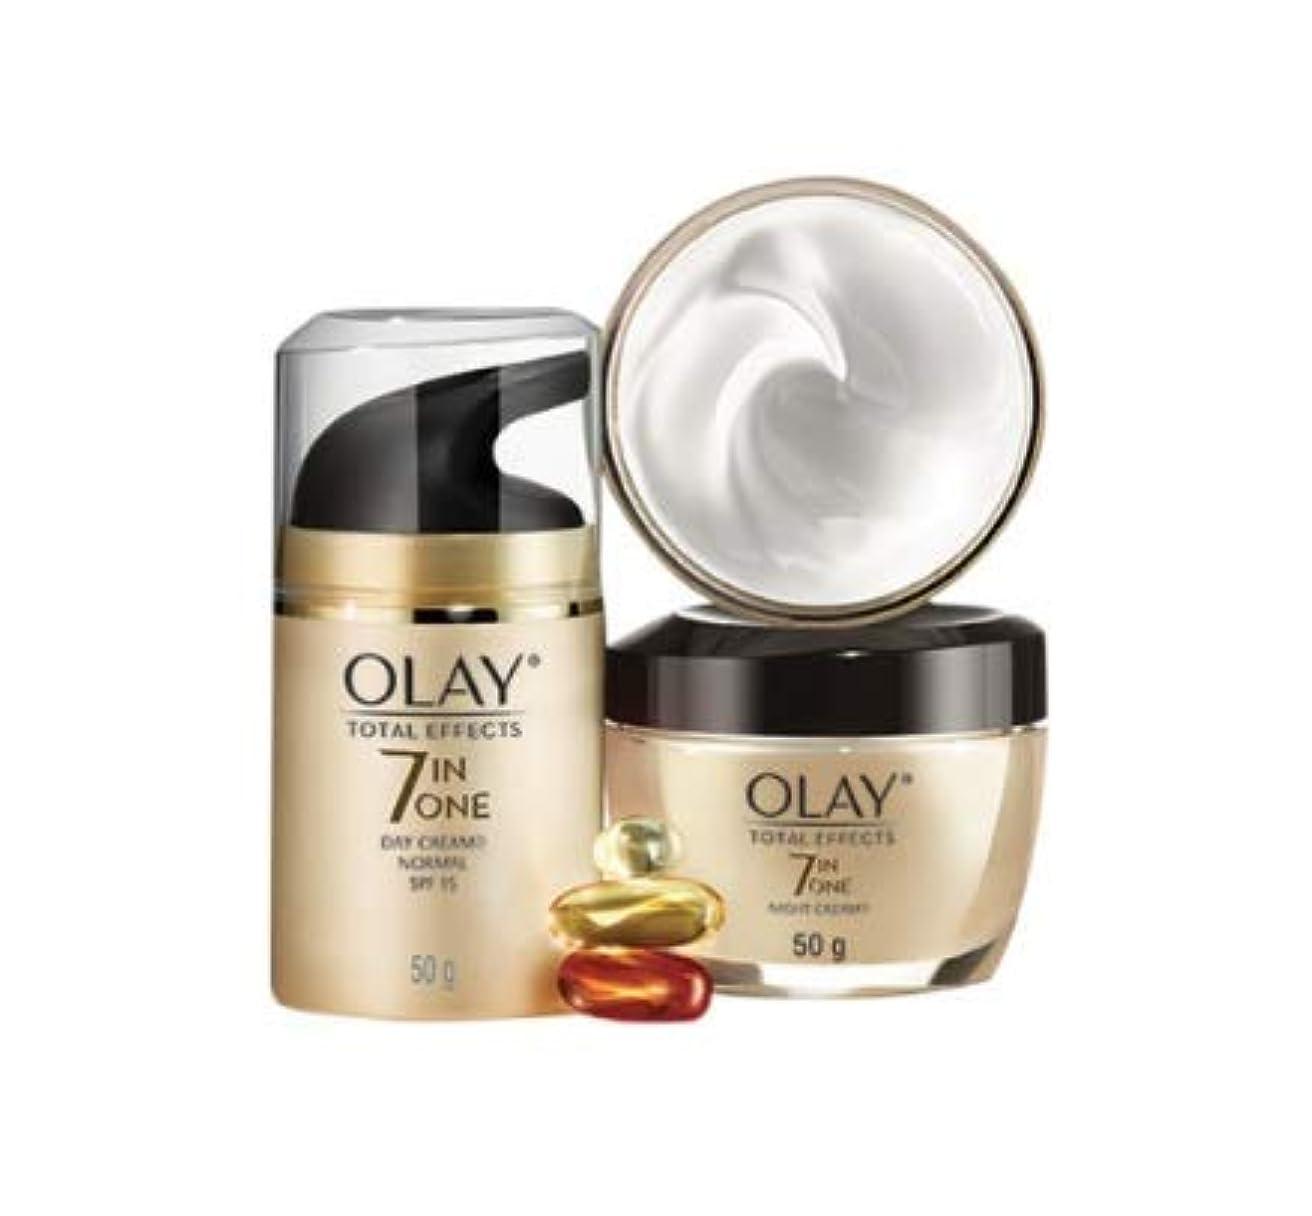 見通し大きなスケールで見ると会社Olay Total Effects Normal Cream SPF 15 50g Free Olay Total Effects Night Cream 50g Olay p&g